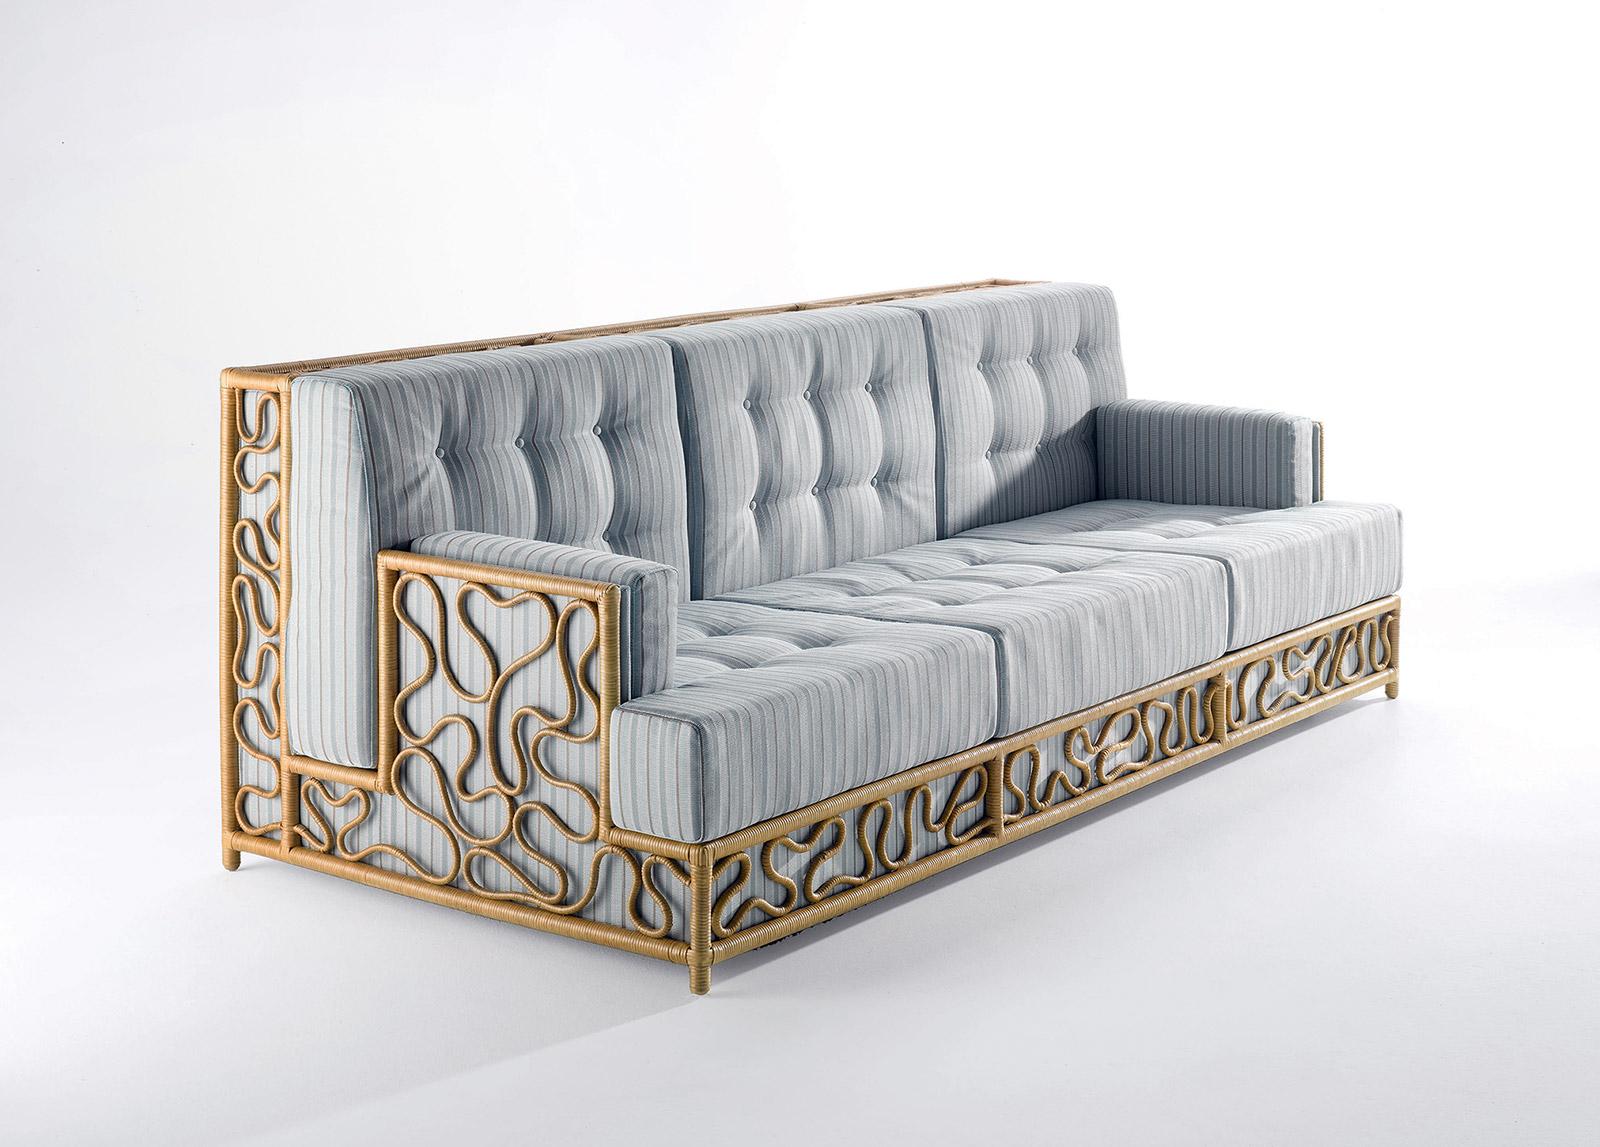 Exquisite Contemporary Luxury Design by Mattia Bonetti - Senzafine sofa Mattia Bonetti Exquisite Contemporary Luxury Design by Mattia Bonetti Exquisite Contemporary Luxury Design by Mattia Bonetti Senzafine sofa